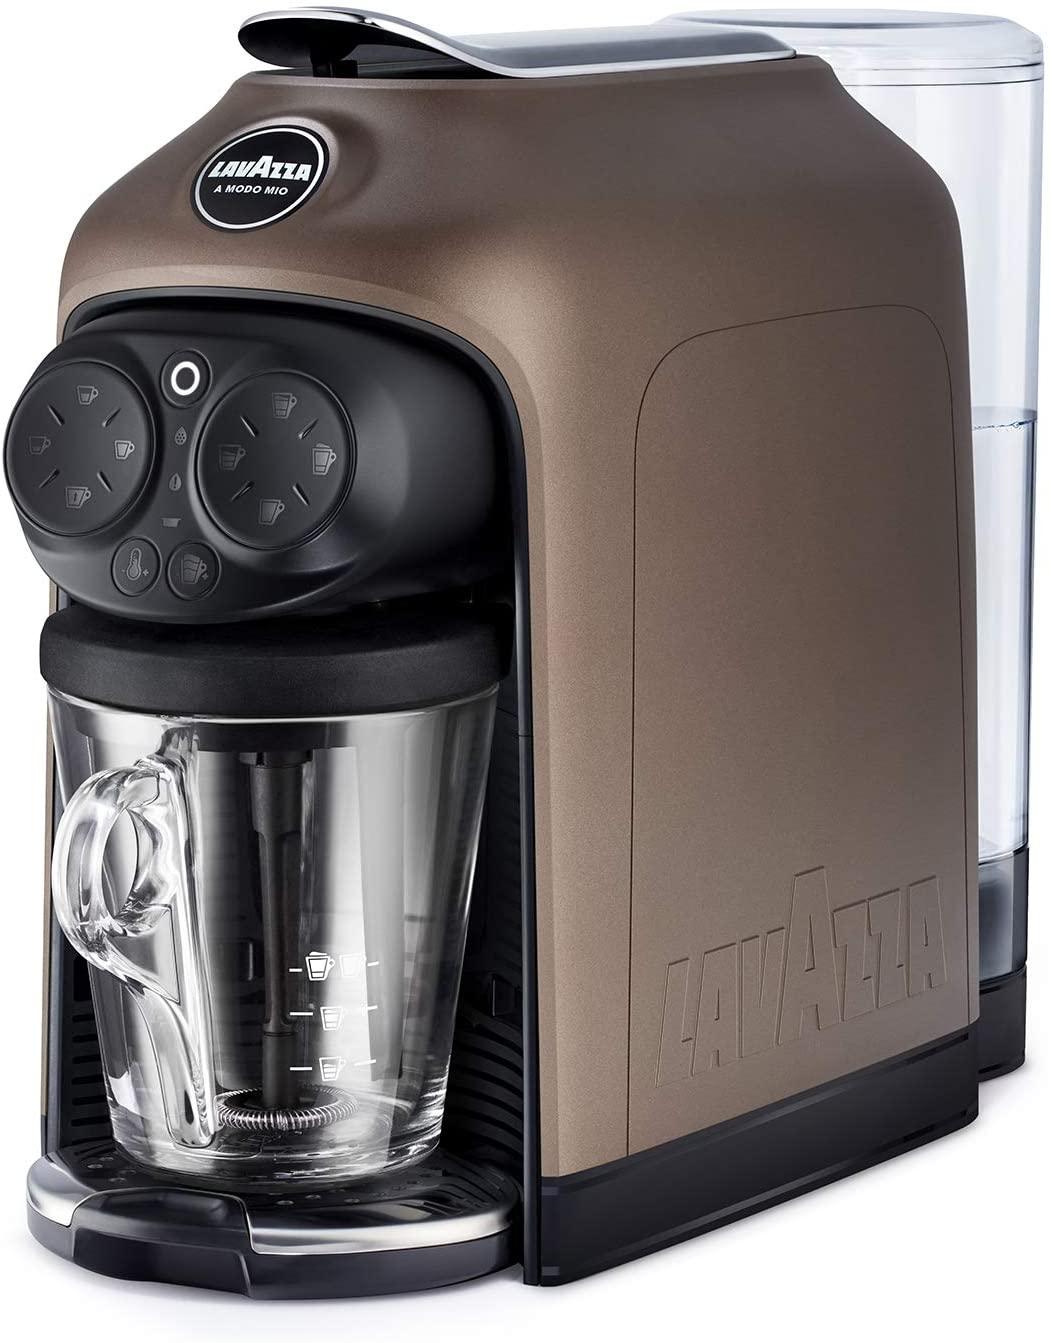 lavazza-desea-macchina-brown-amodomio-macchinetta-pluscaffe-plus-caffe-cagliari